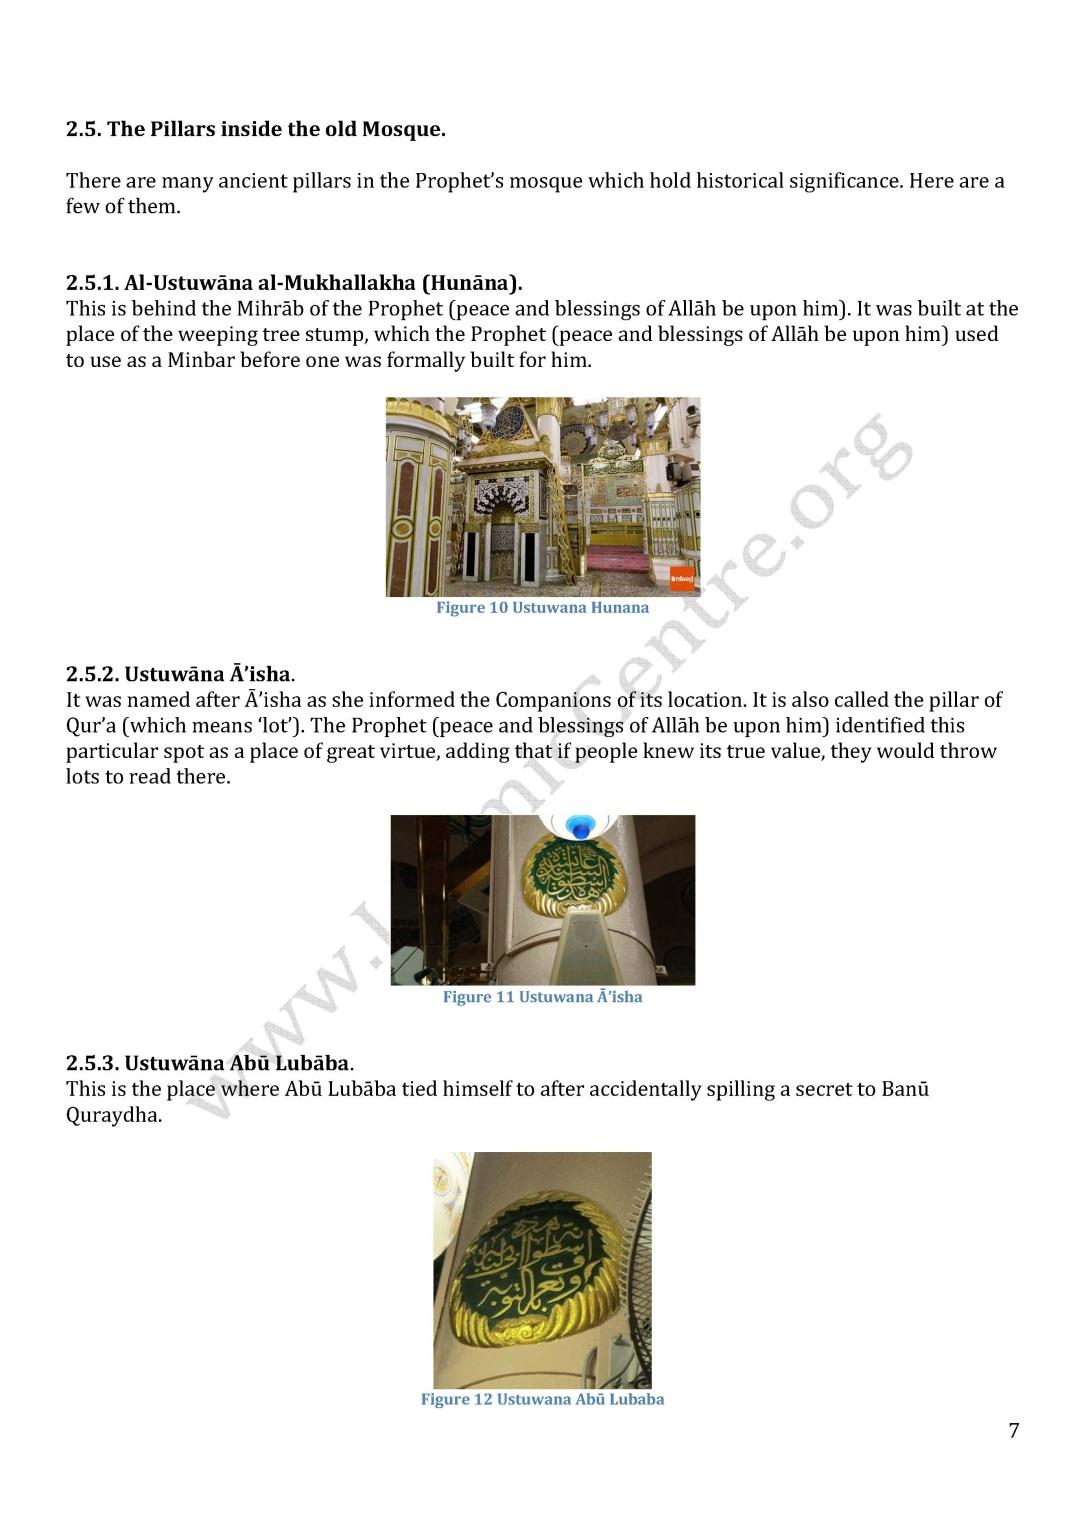 HistoryofMasjidNabawi_Page_07